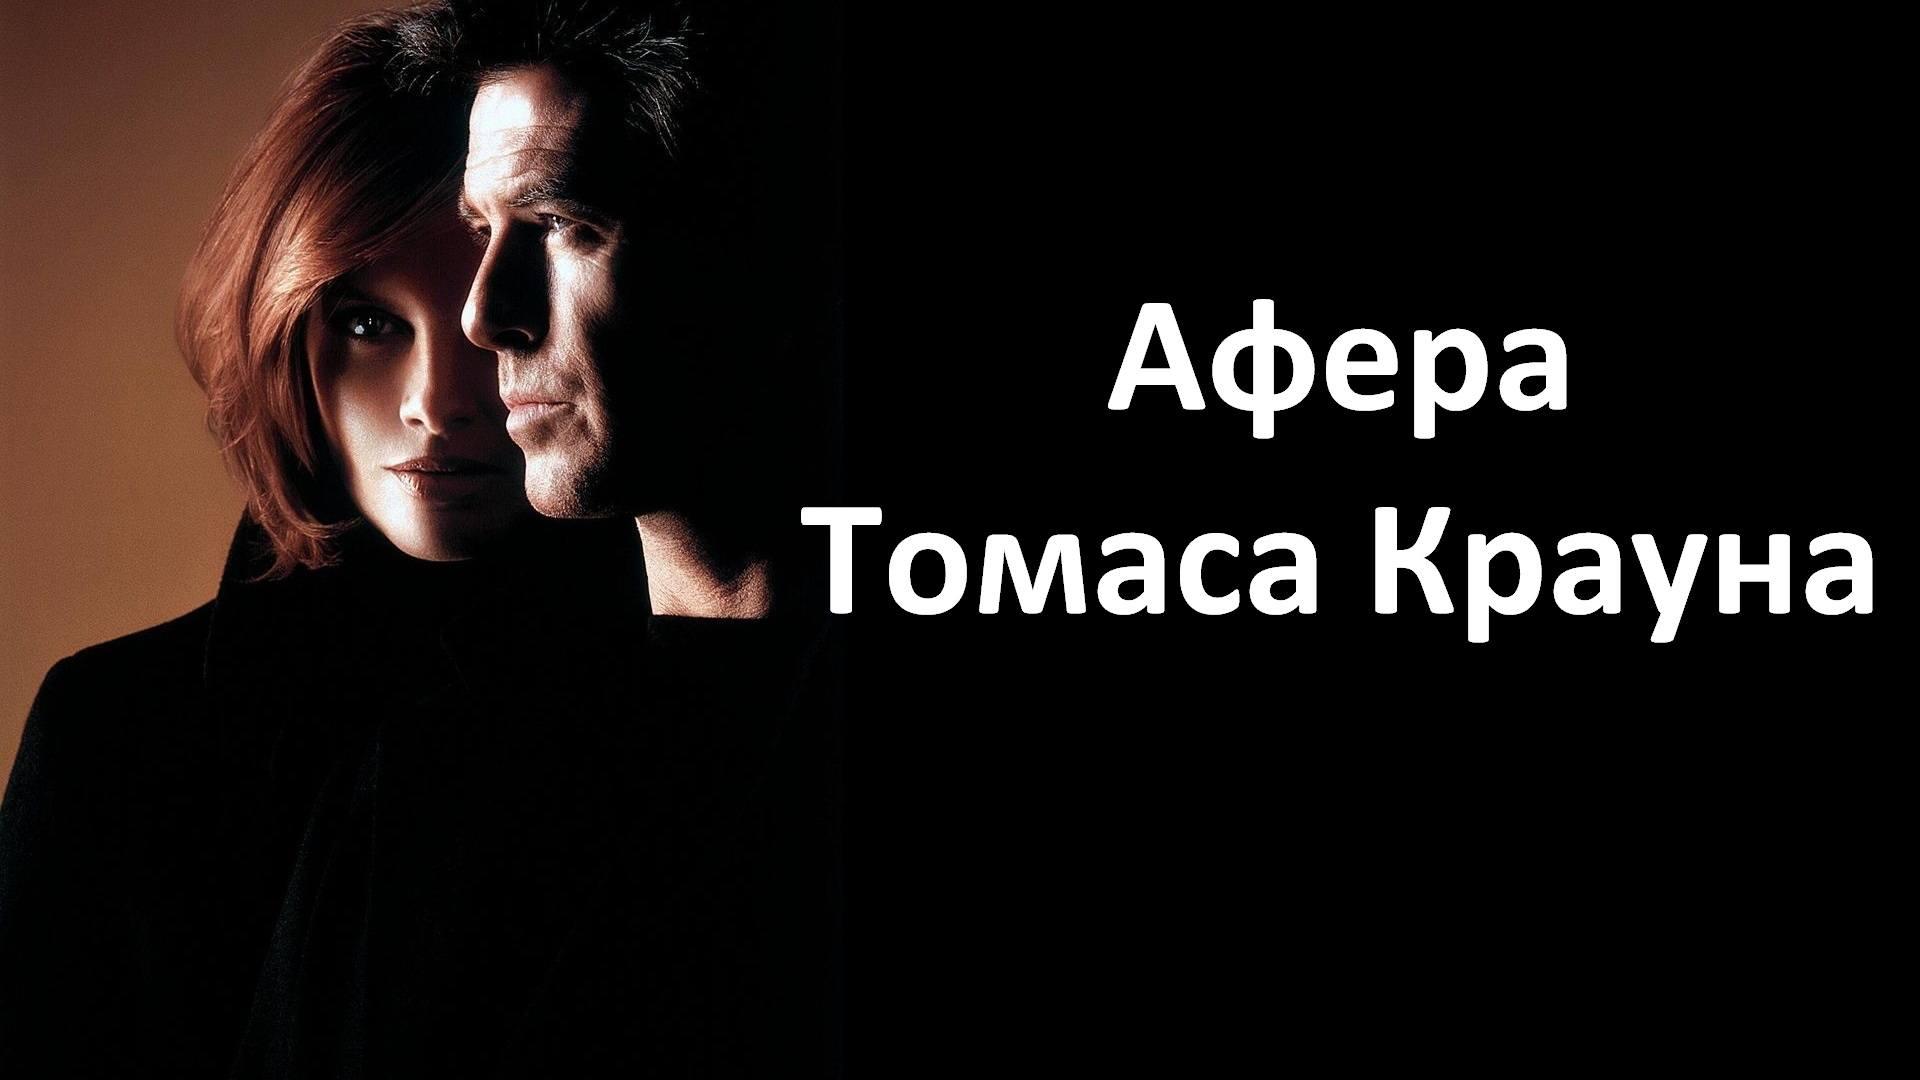 Фильм, который стоит посмотреть: «Афера Томаса Крауна»